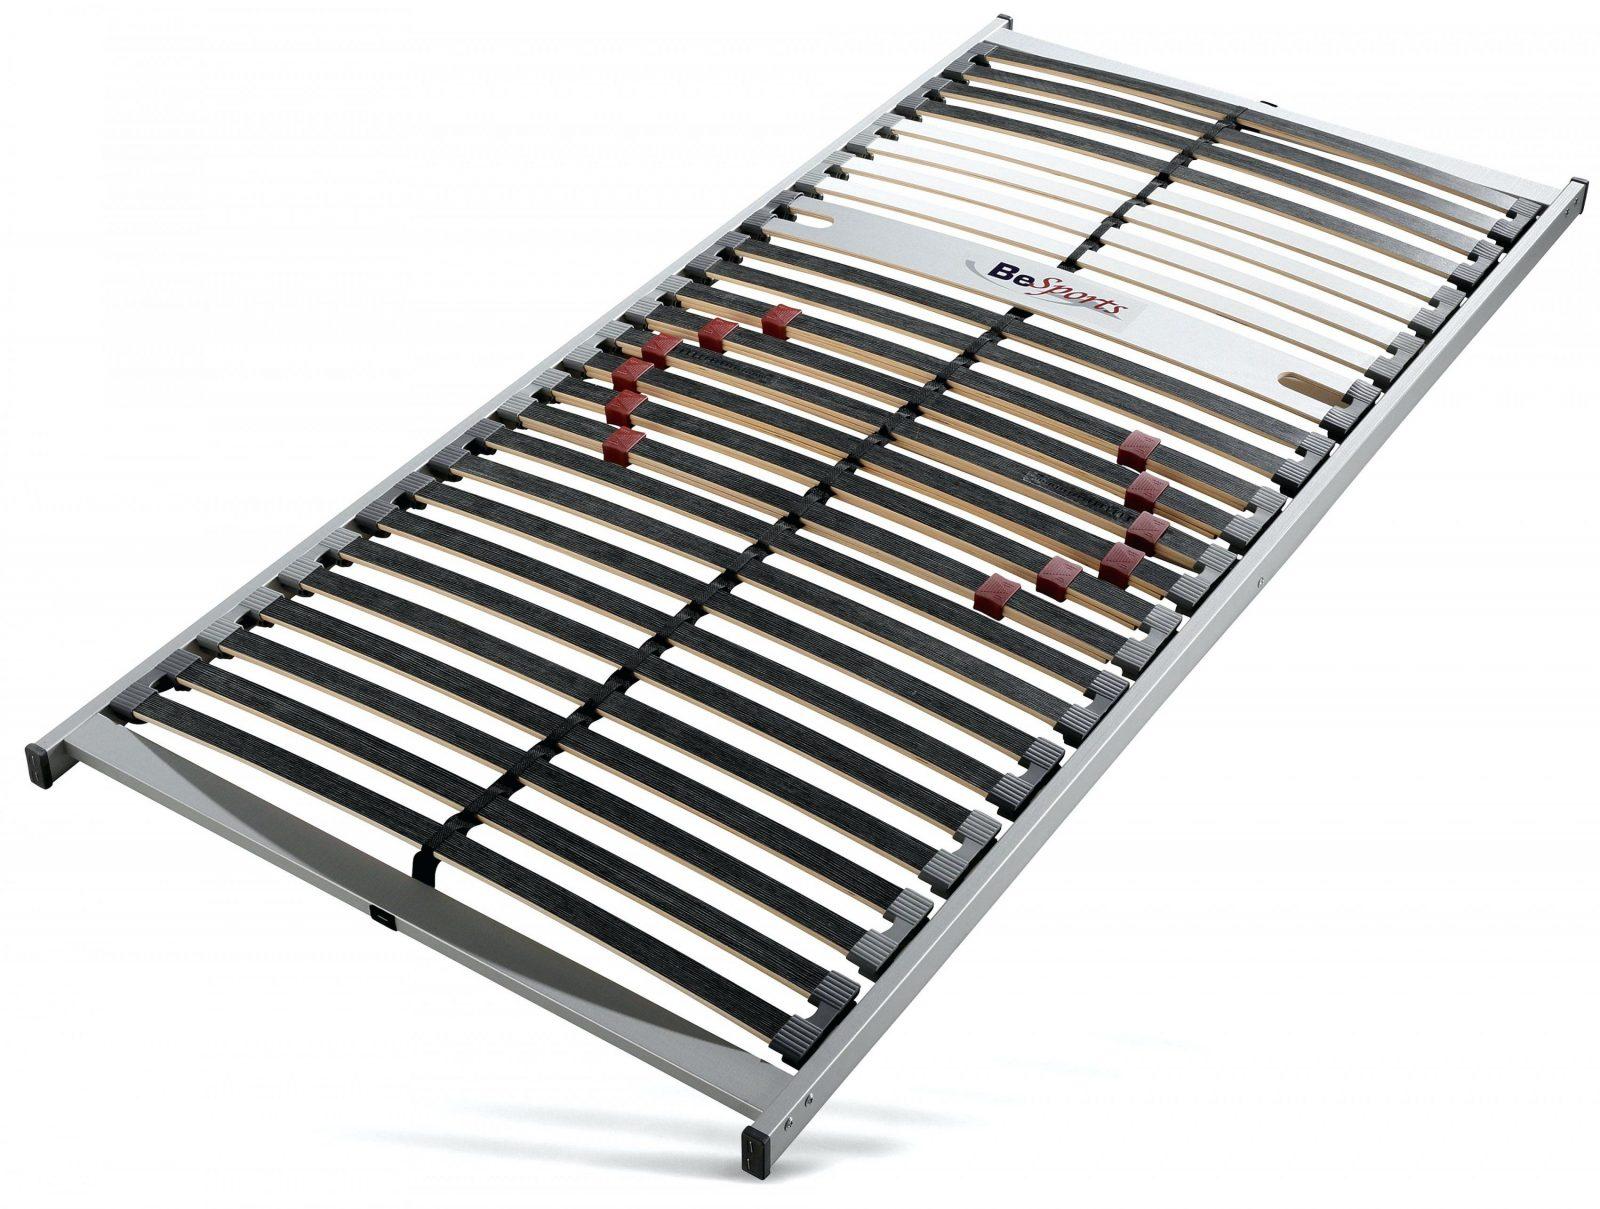 lattenrost 90x200 elektrisch verstellbar test haus design ideen. Black Bedroom Furniture Sets. Home Design Ideas